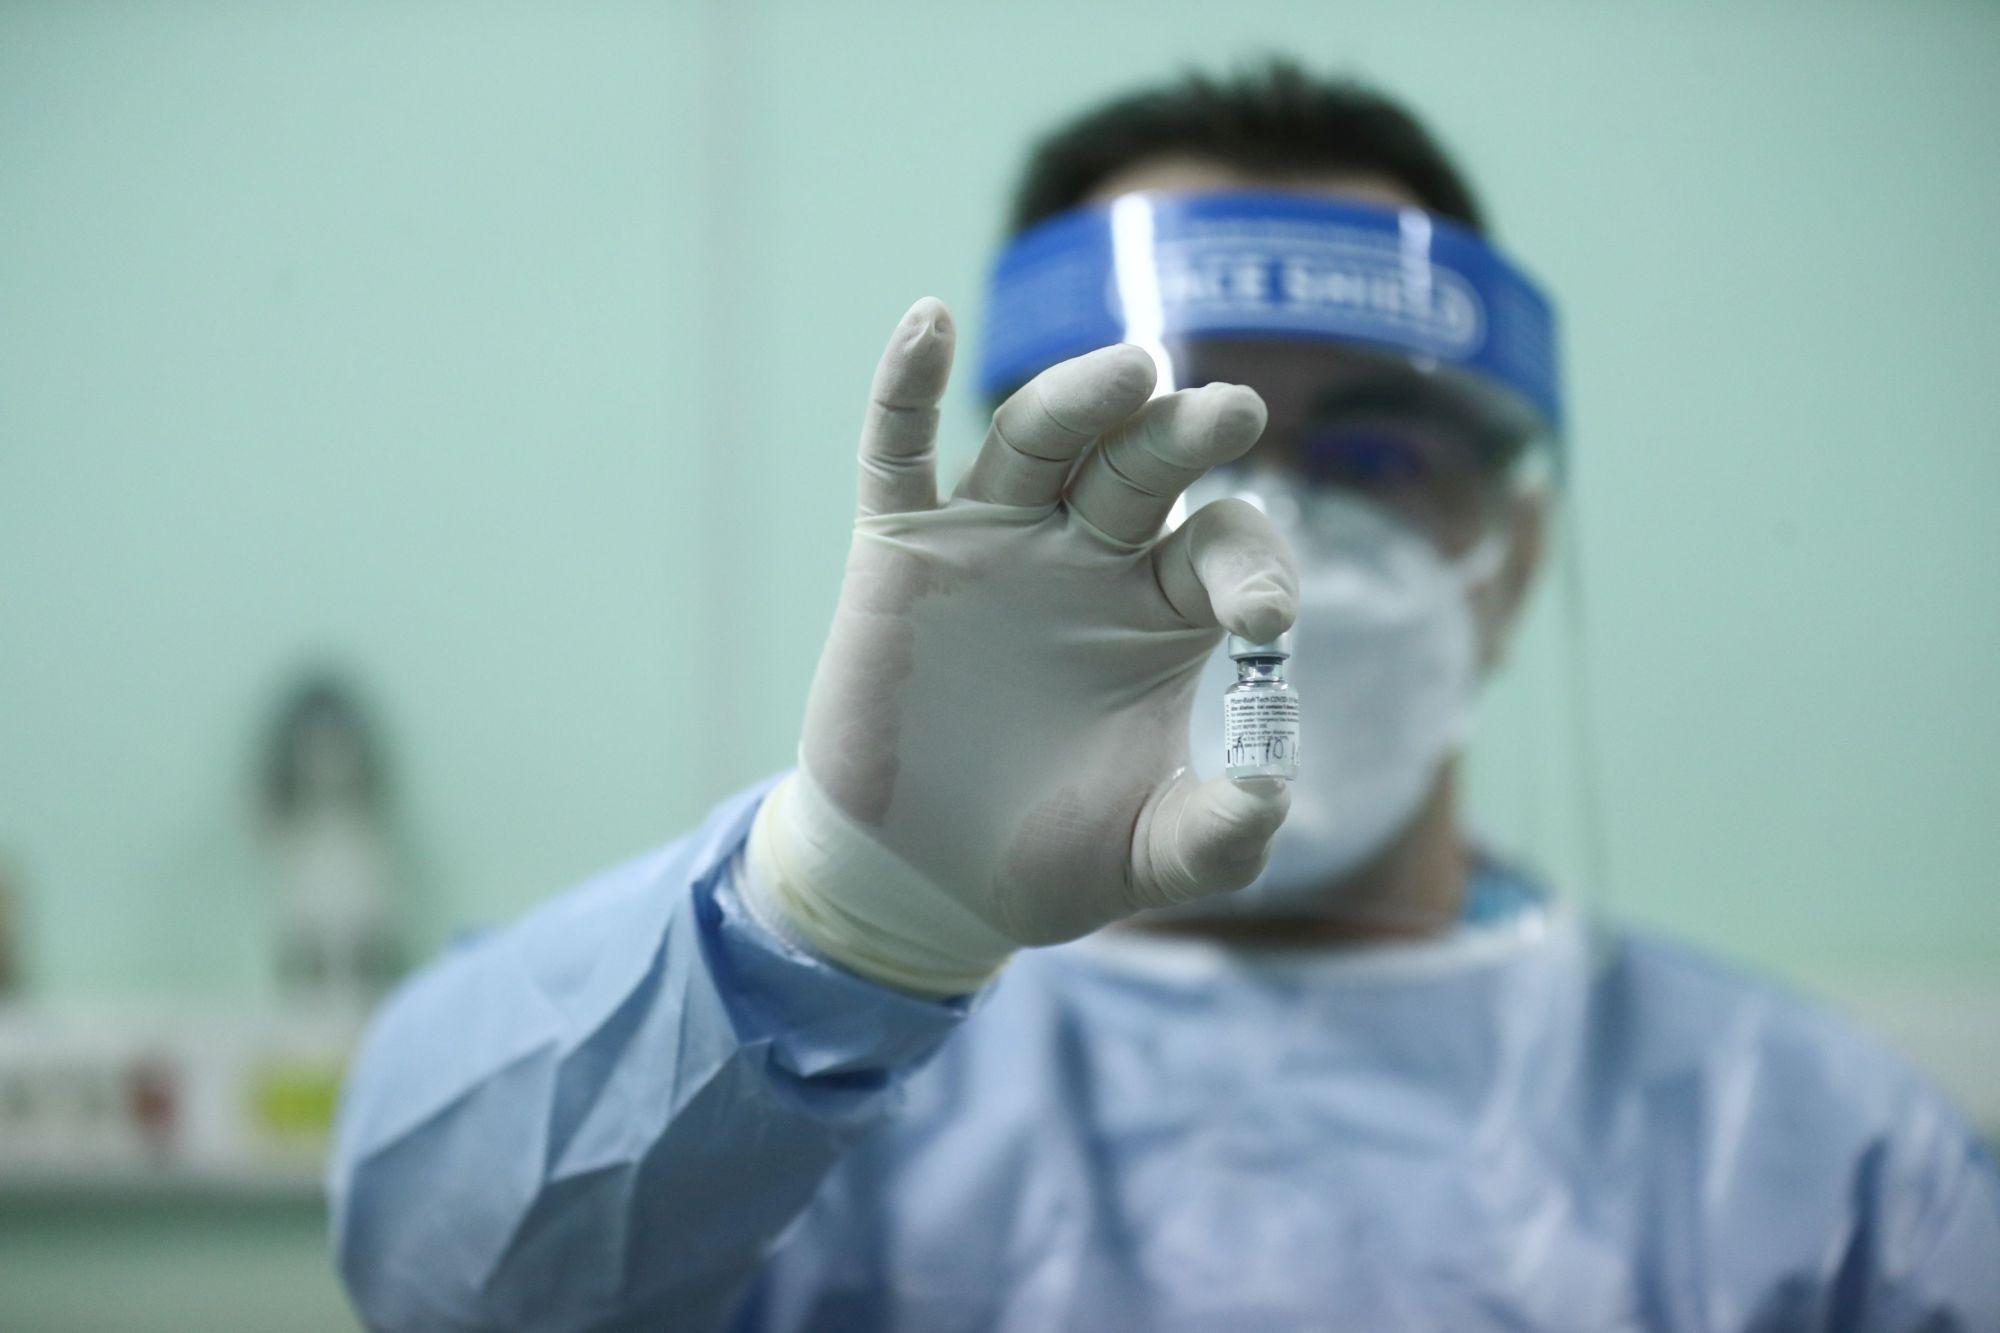 Peste 7.000 de români au făcut Covid după prima doză de vaccin, peste o mie după a doua